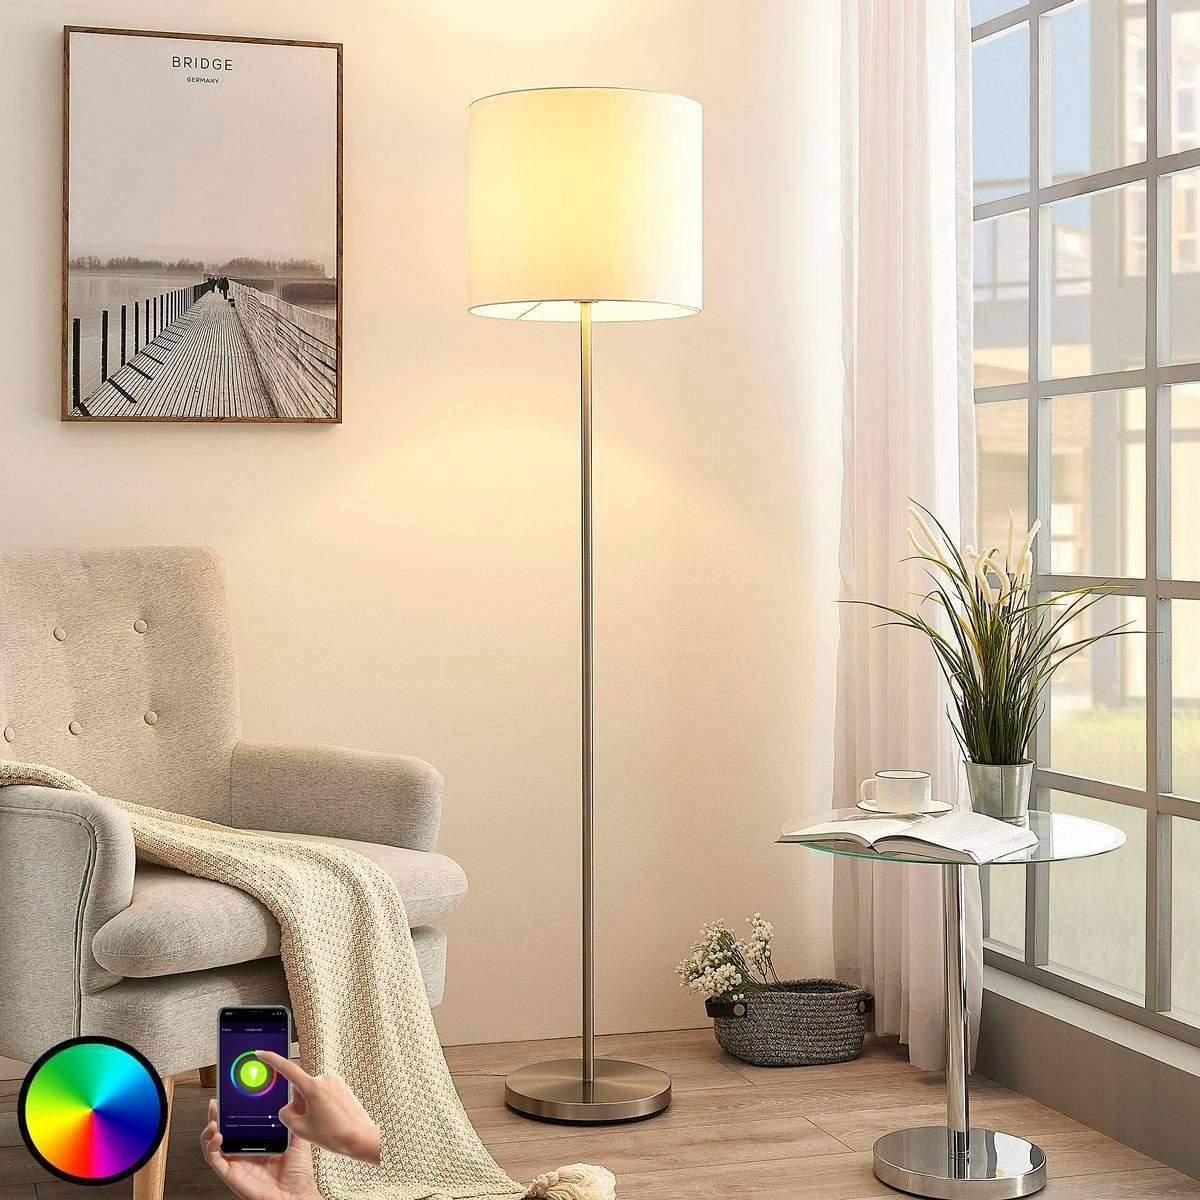 Full Size of Stehlampe Modern Wohnzimmer Reizend Stehleuchte Neu Moderne Duschen Tapete Küche Esstisch Modernes Sofa Esstische Bilder Fürs Holz Bett Design Deckenlampen Wohnzimmer Stehlampe Modern